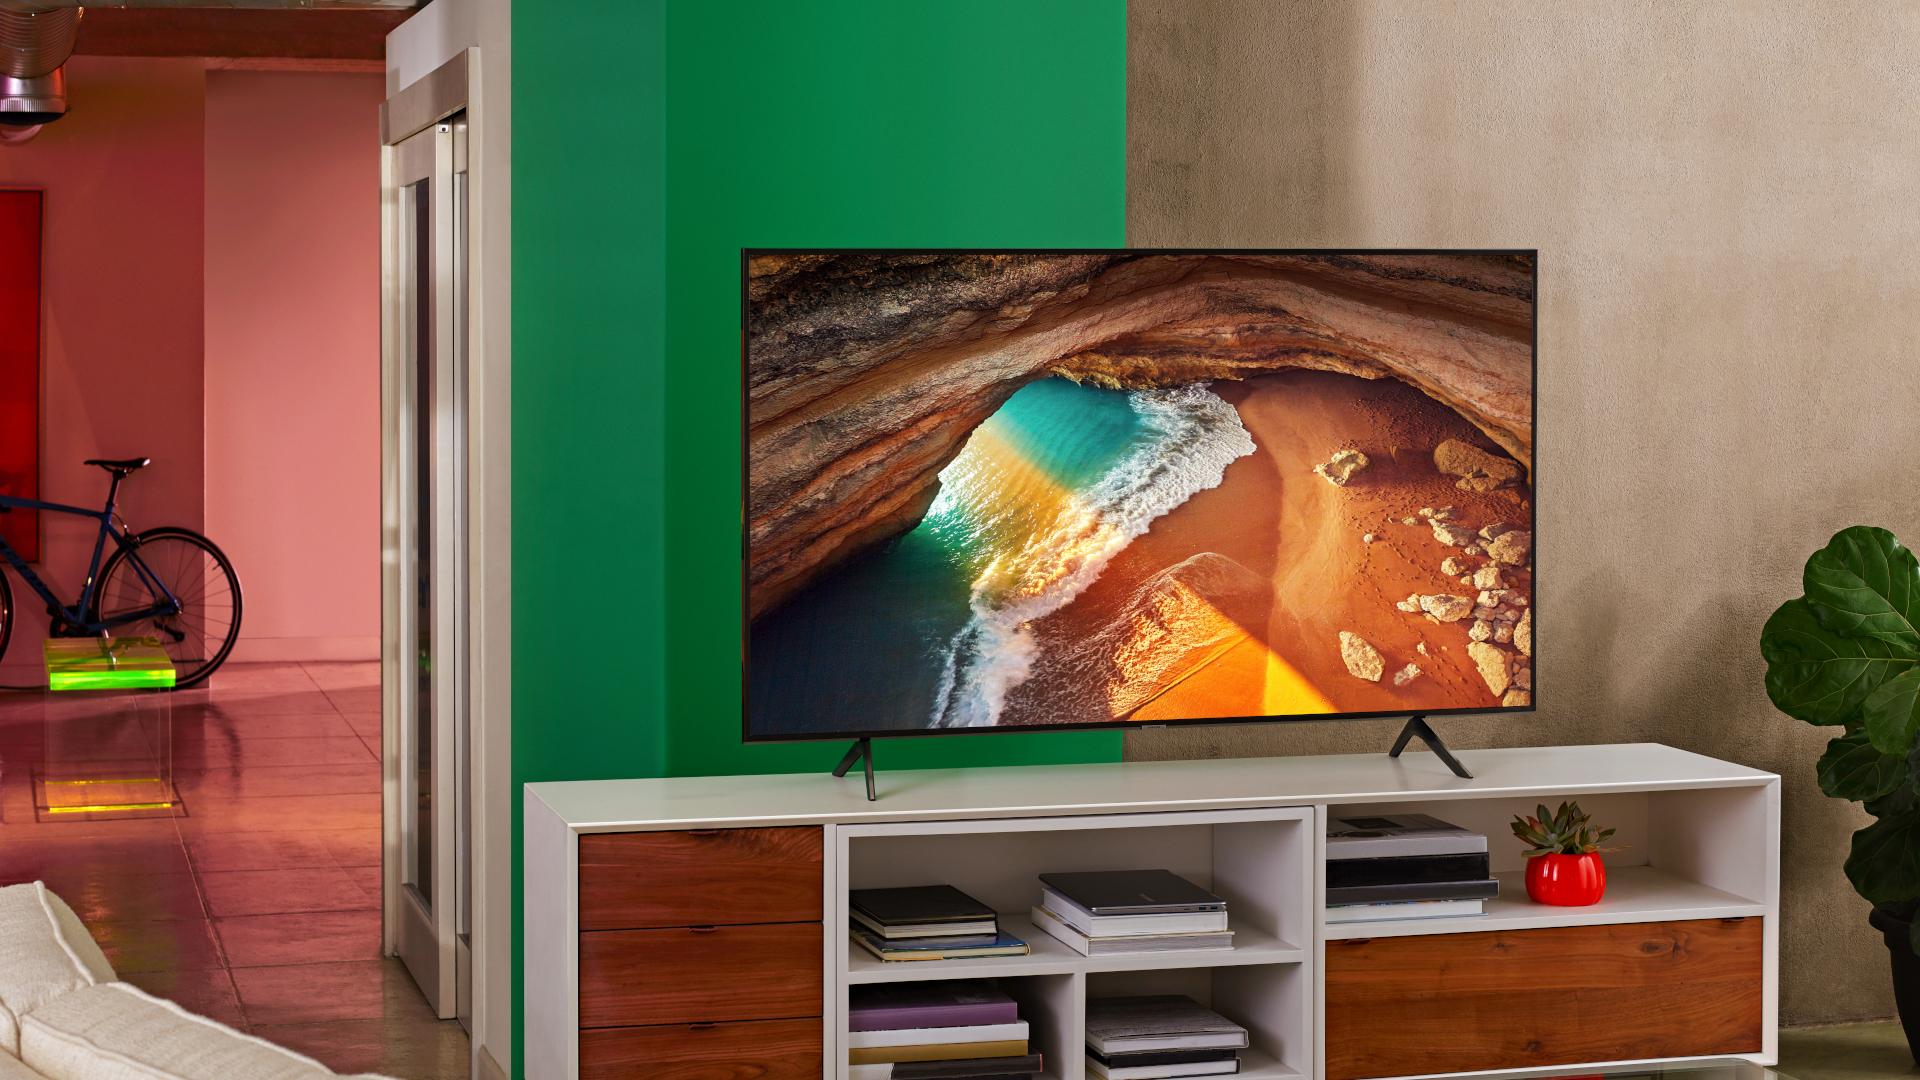 Samsung TV 2020: každý nový QLED a LED televízor Samsung prichádza tento rok 13